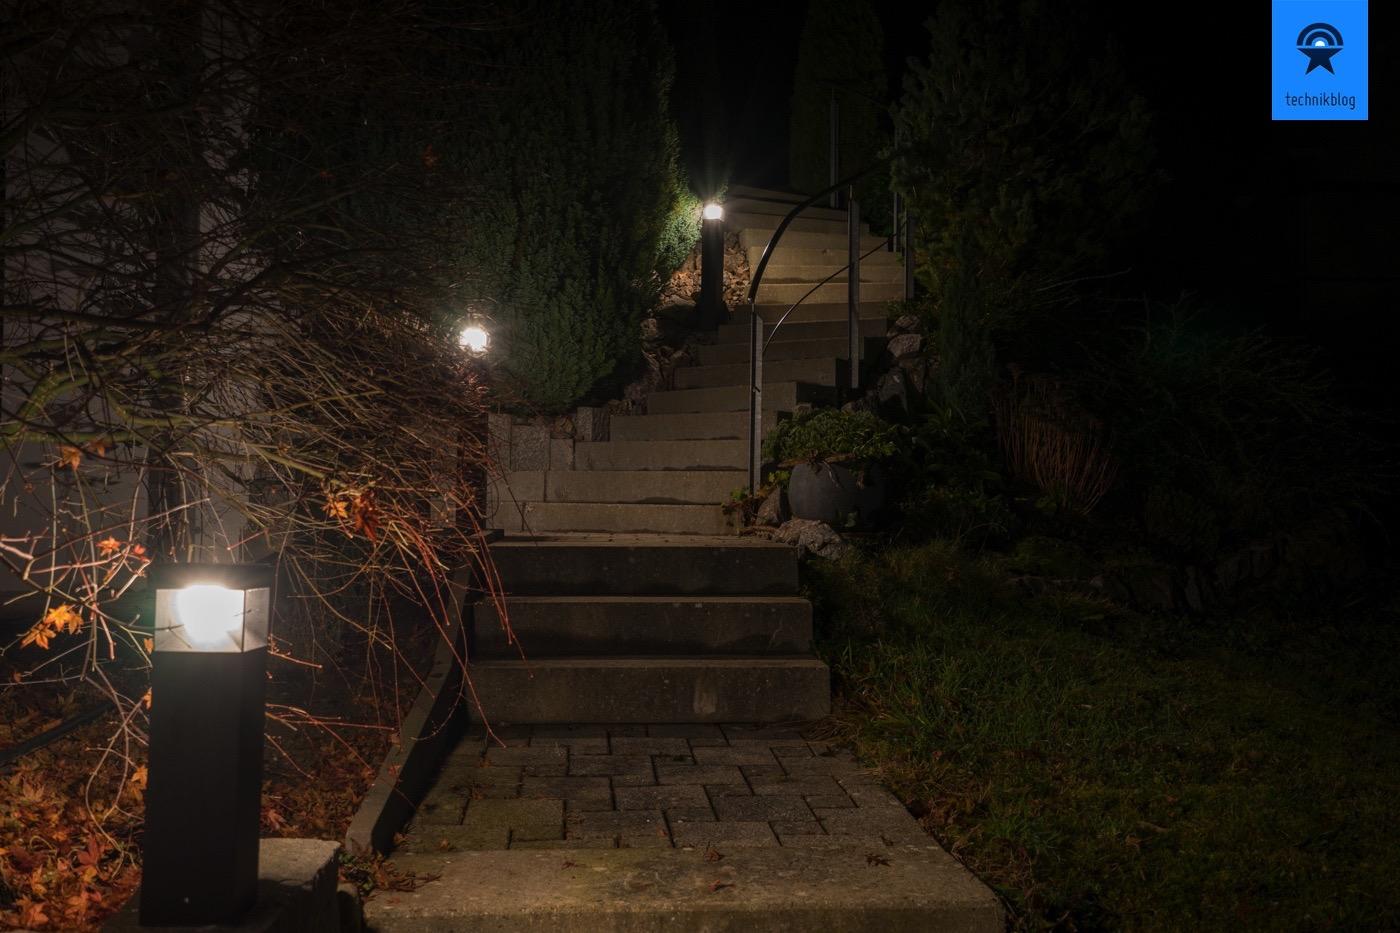 LED Aussenlampen von Philips im Einsatz